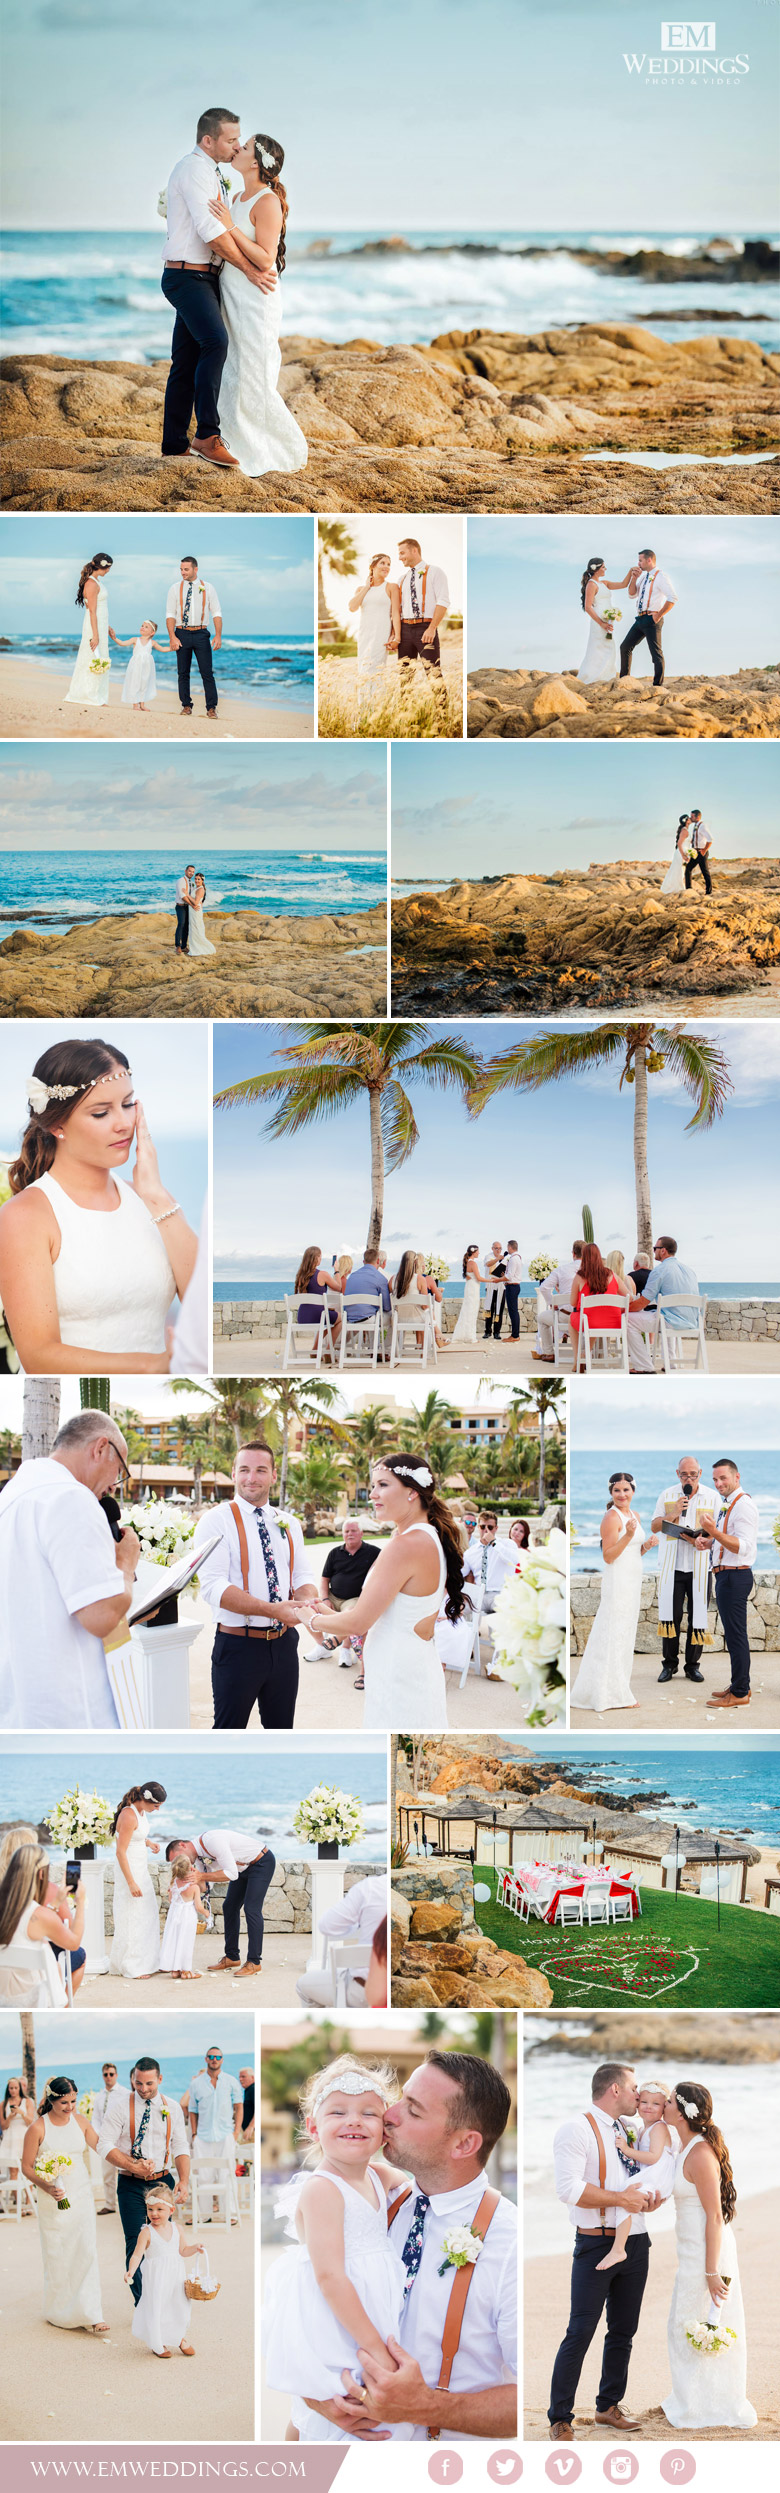 Wedding at Fiestamericana, Los Cabos, México Los Cabos